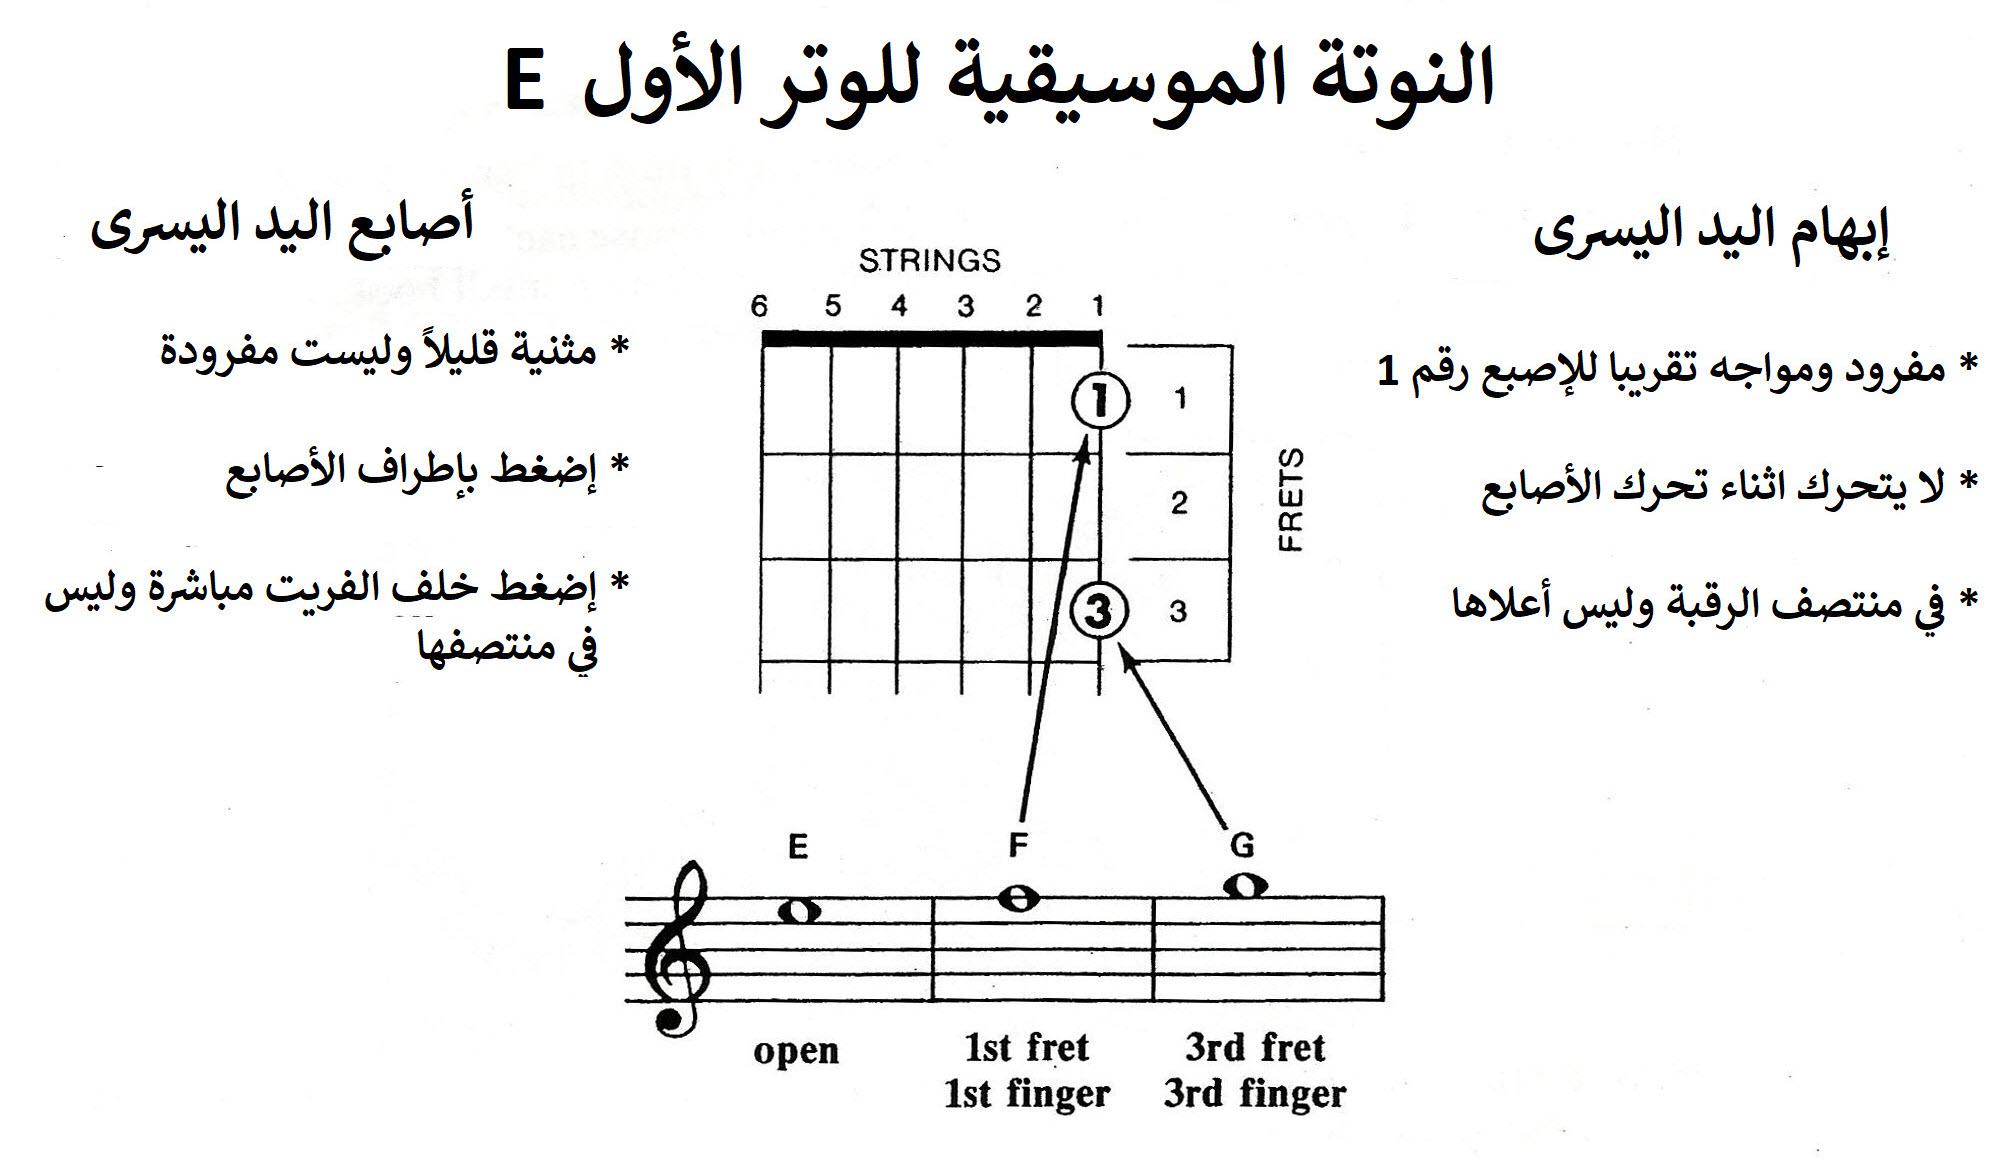 النوتة الموسيقية للوتر الأول